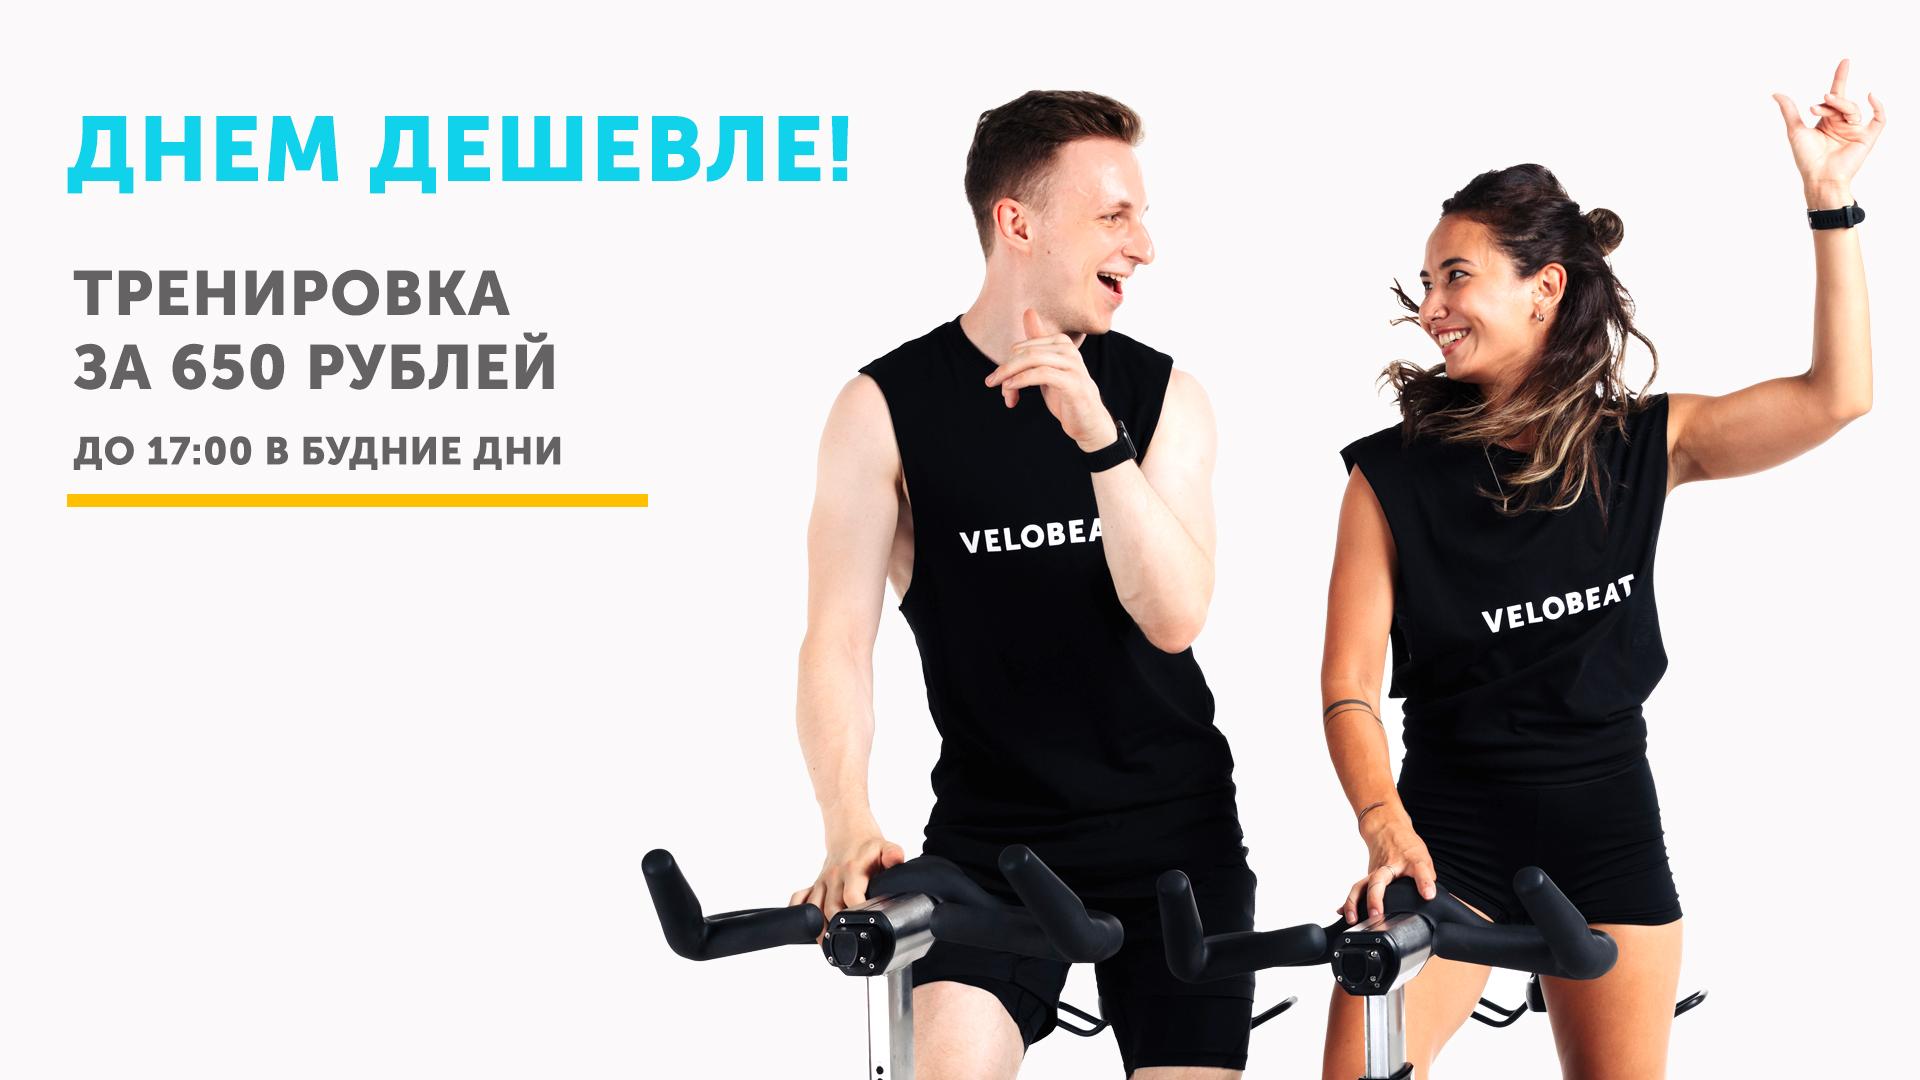 Днем дешевле! Тренировка за 650 рублей до 17:00 по будням